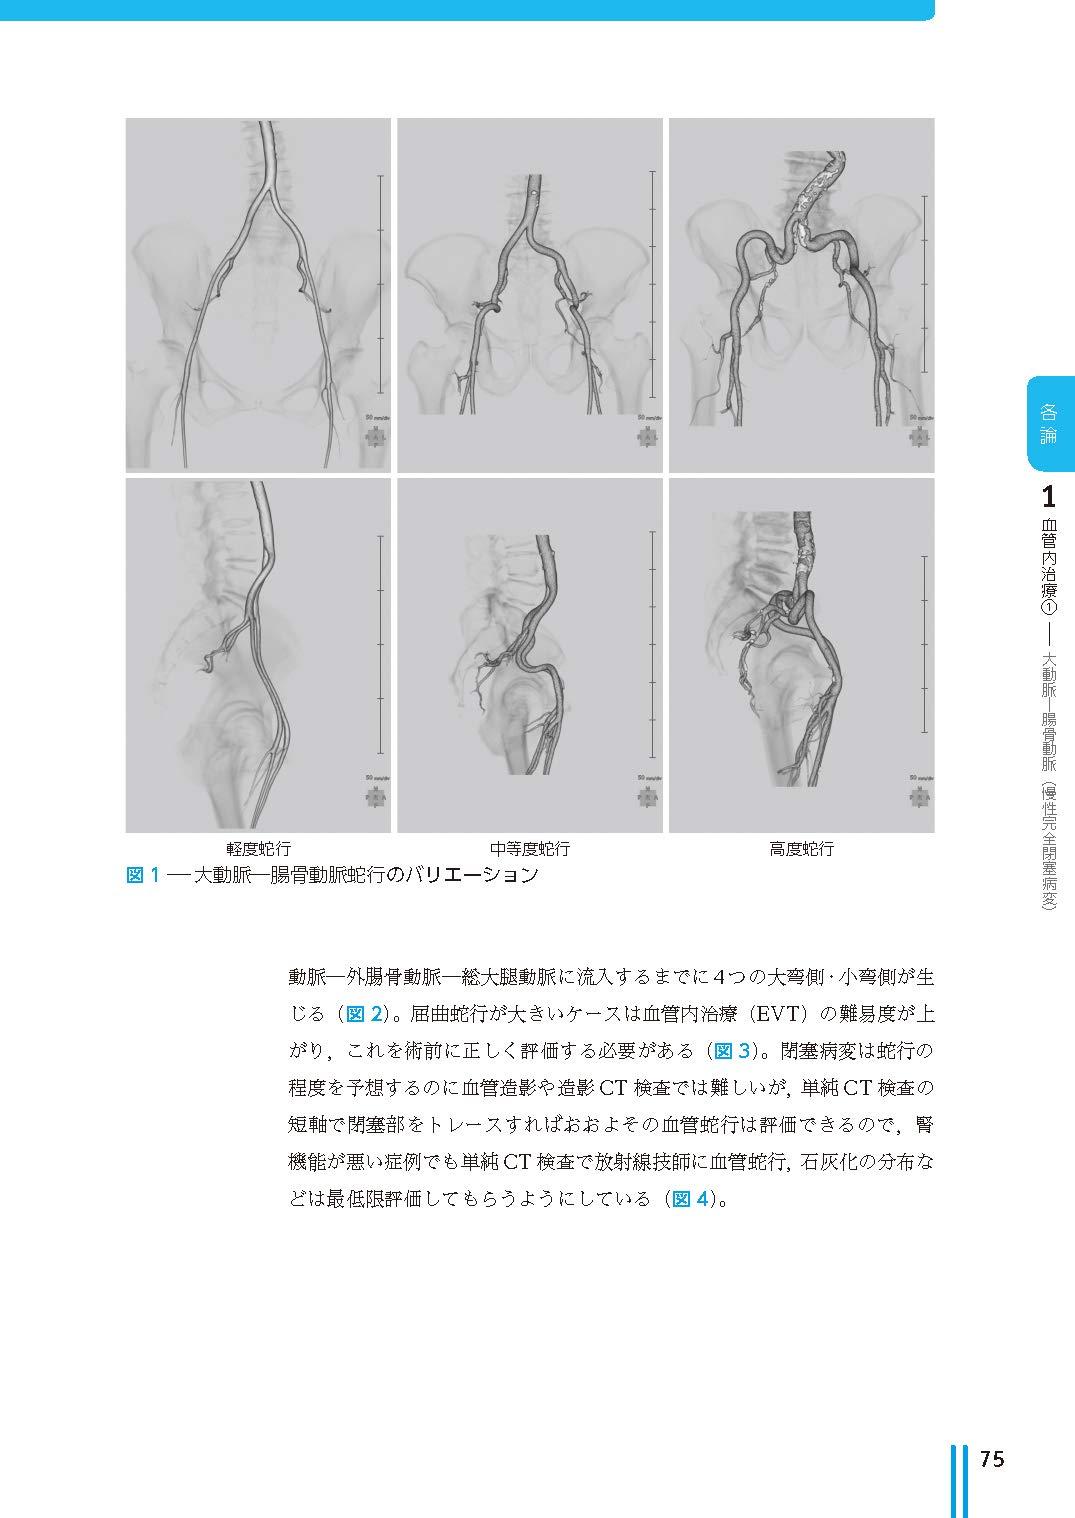 動脈 硬化 症 閉塞 性